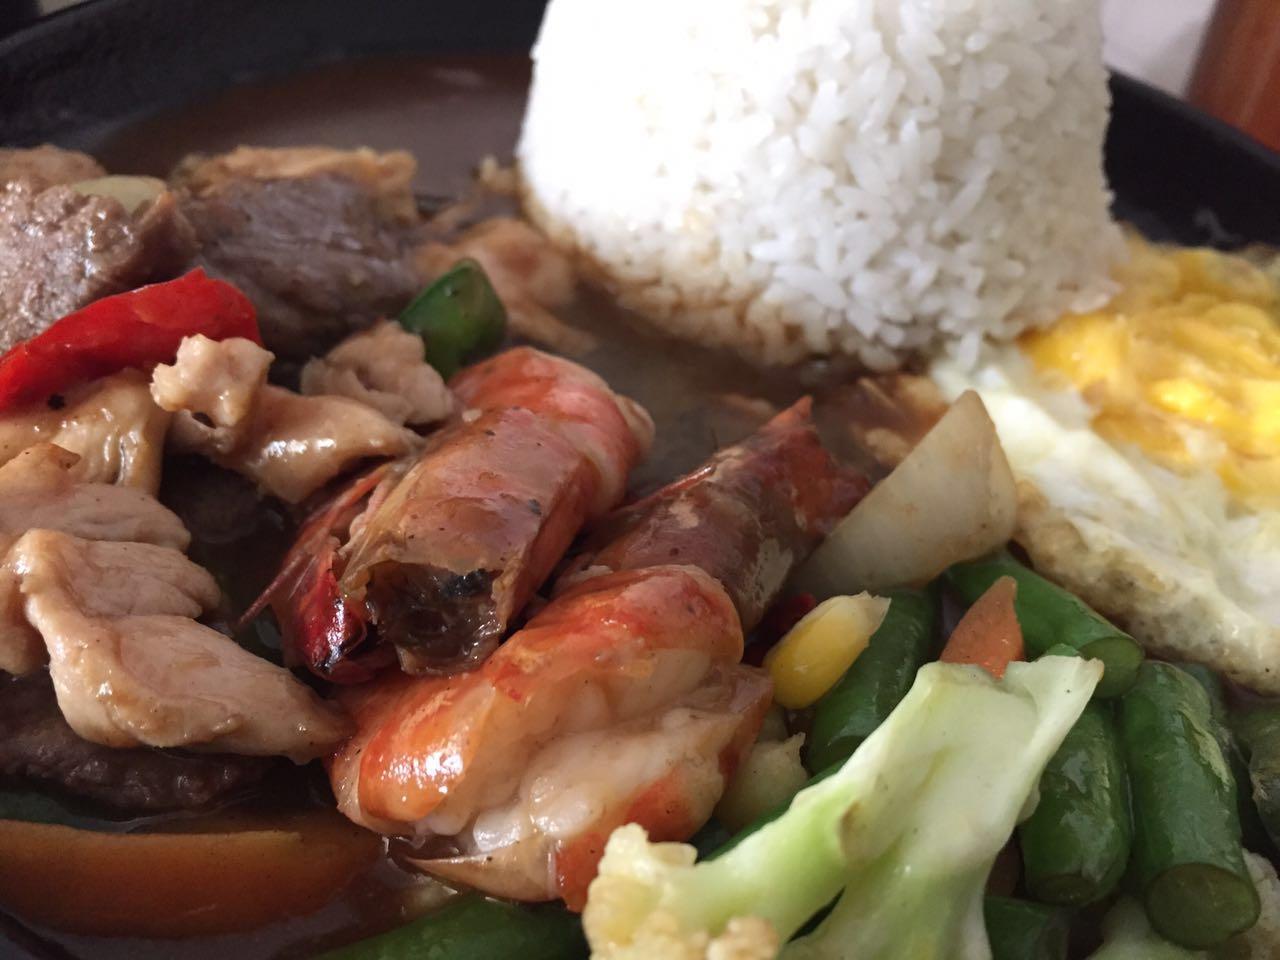 Resep Ayam Rica-rica Solaria - Ke Salatiga